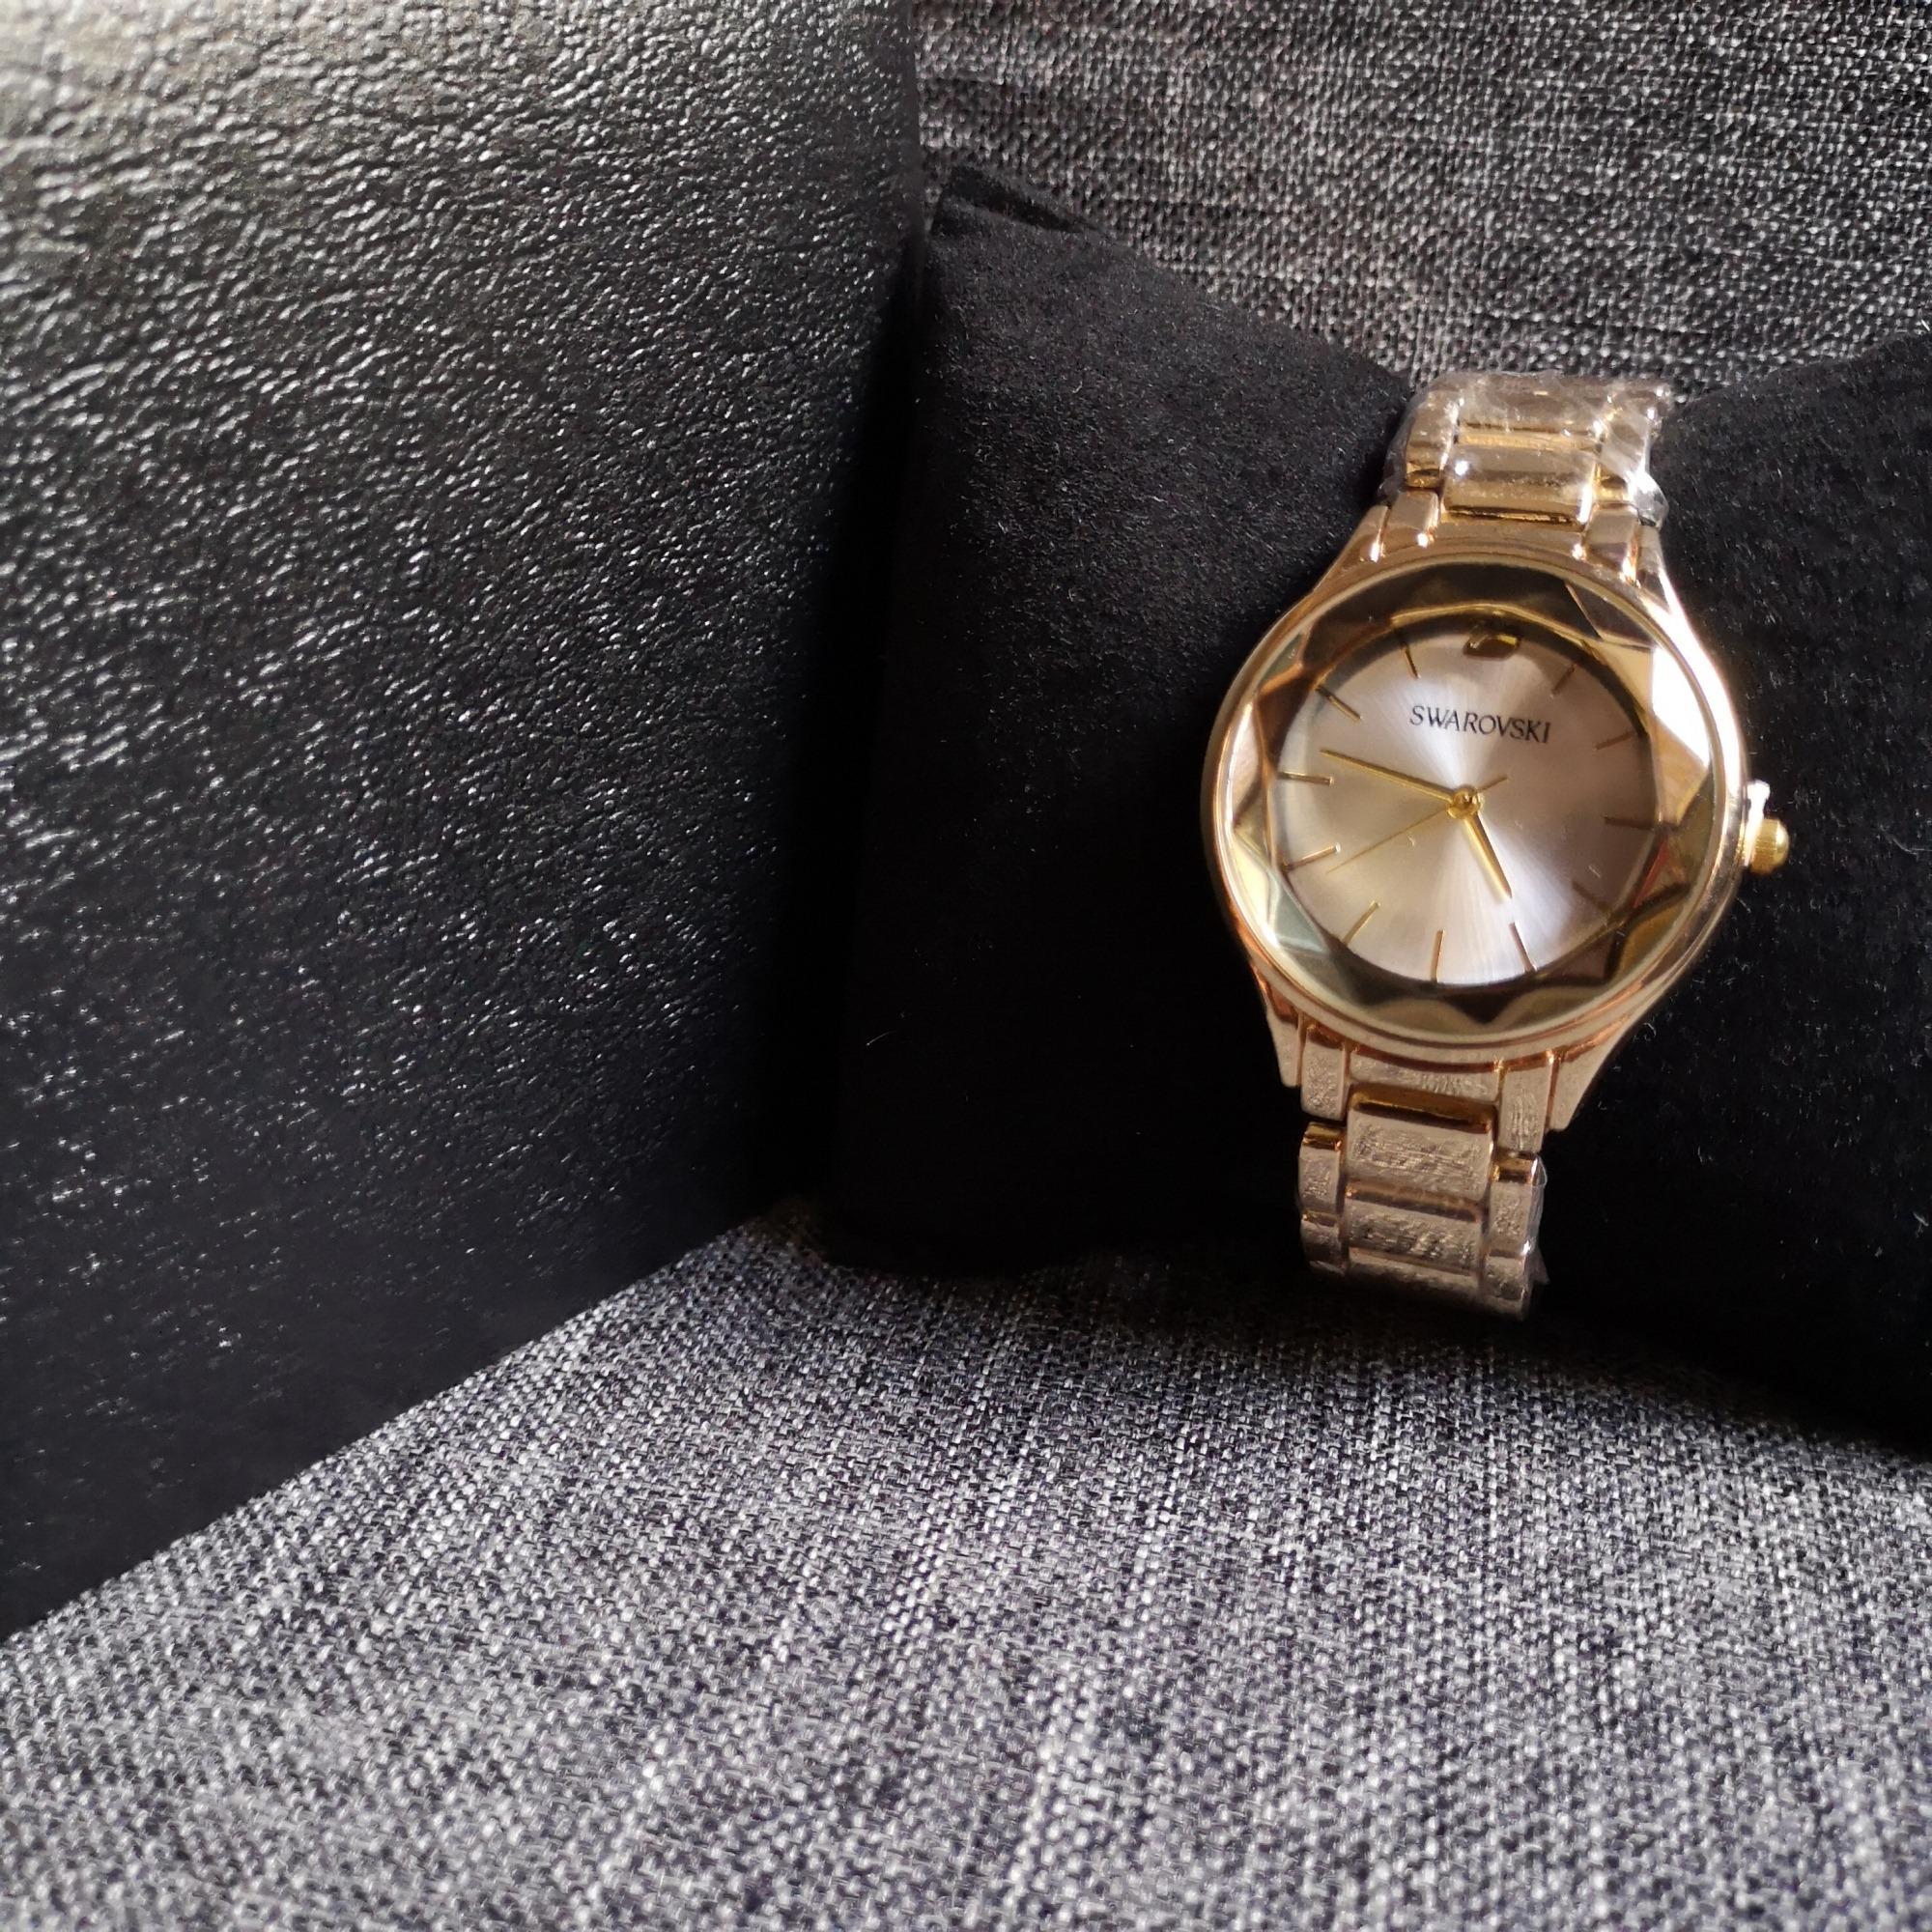 e439f7471 Swarovski Philippines: Swarovski price list - Swarovski Bracelets ...